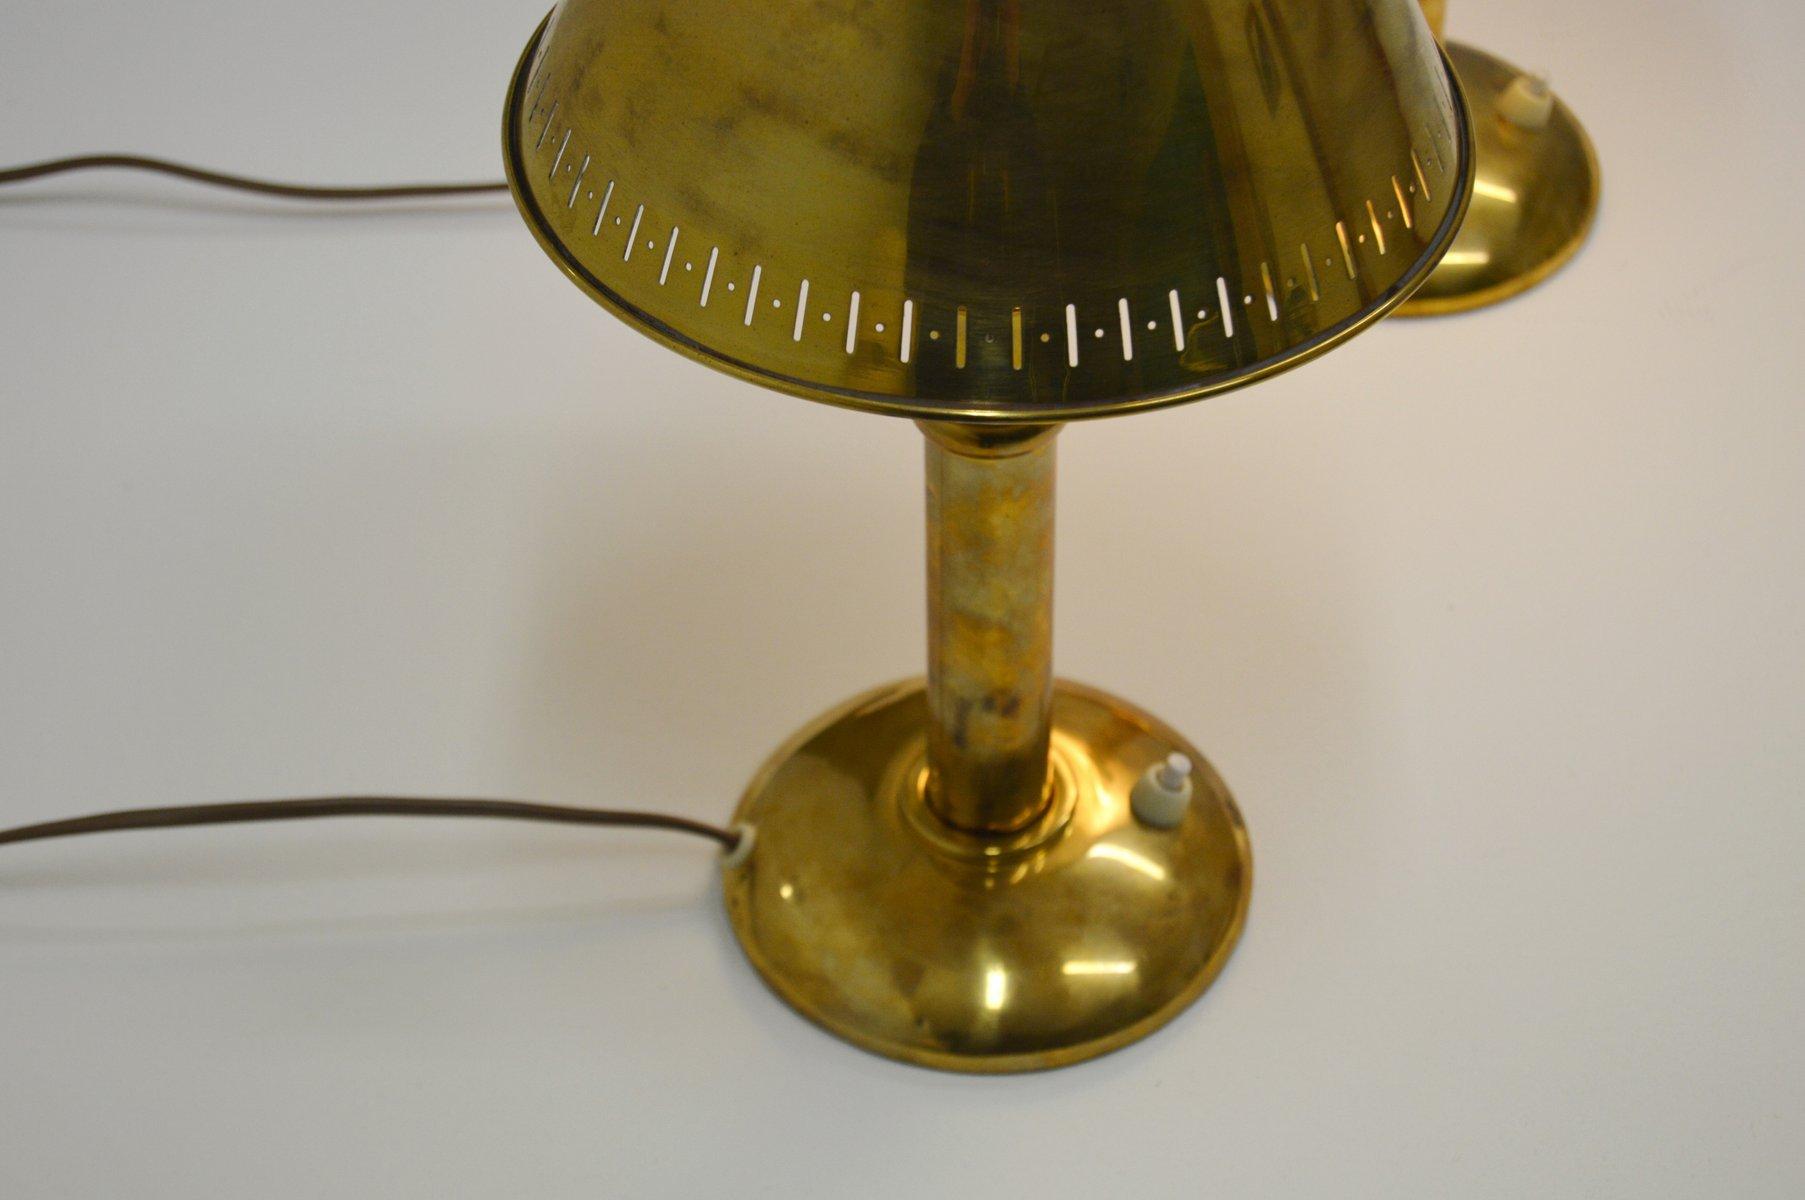 Vintage messing tischlampen mit verstellbaren leuchten von for Tischlampen vintage